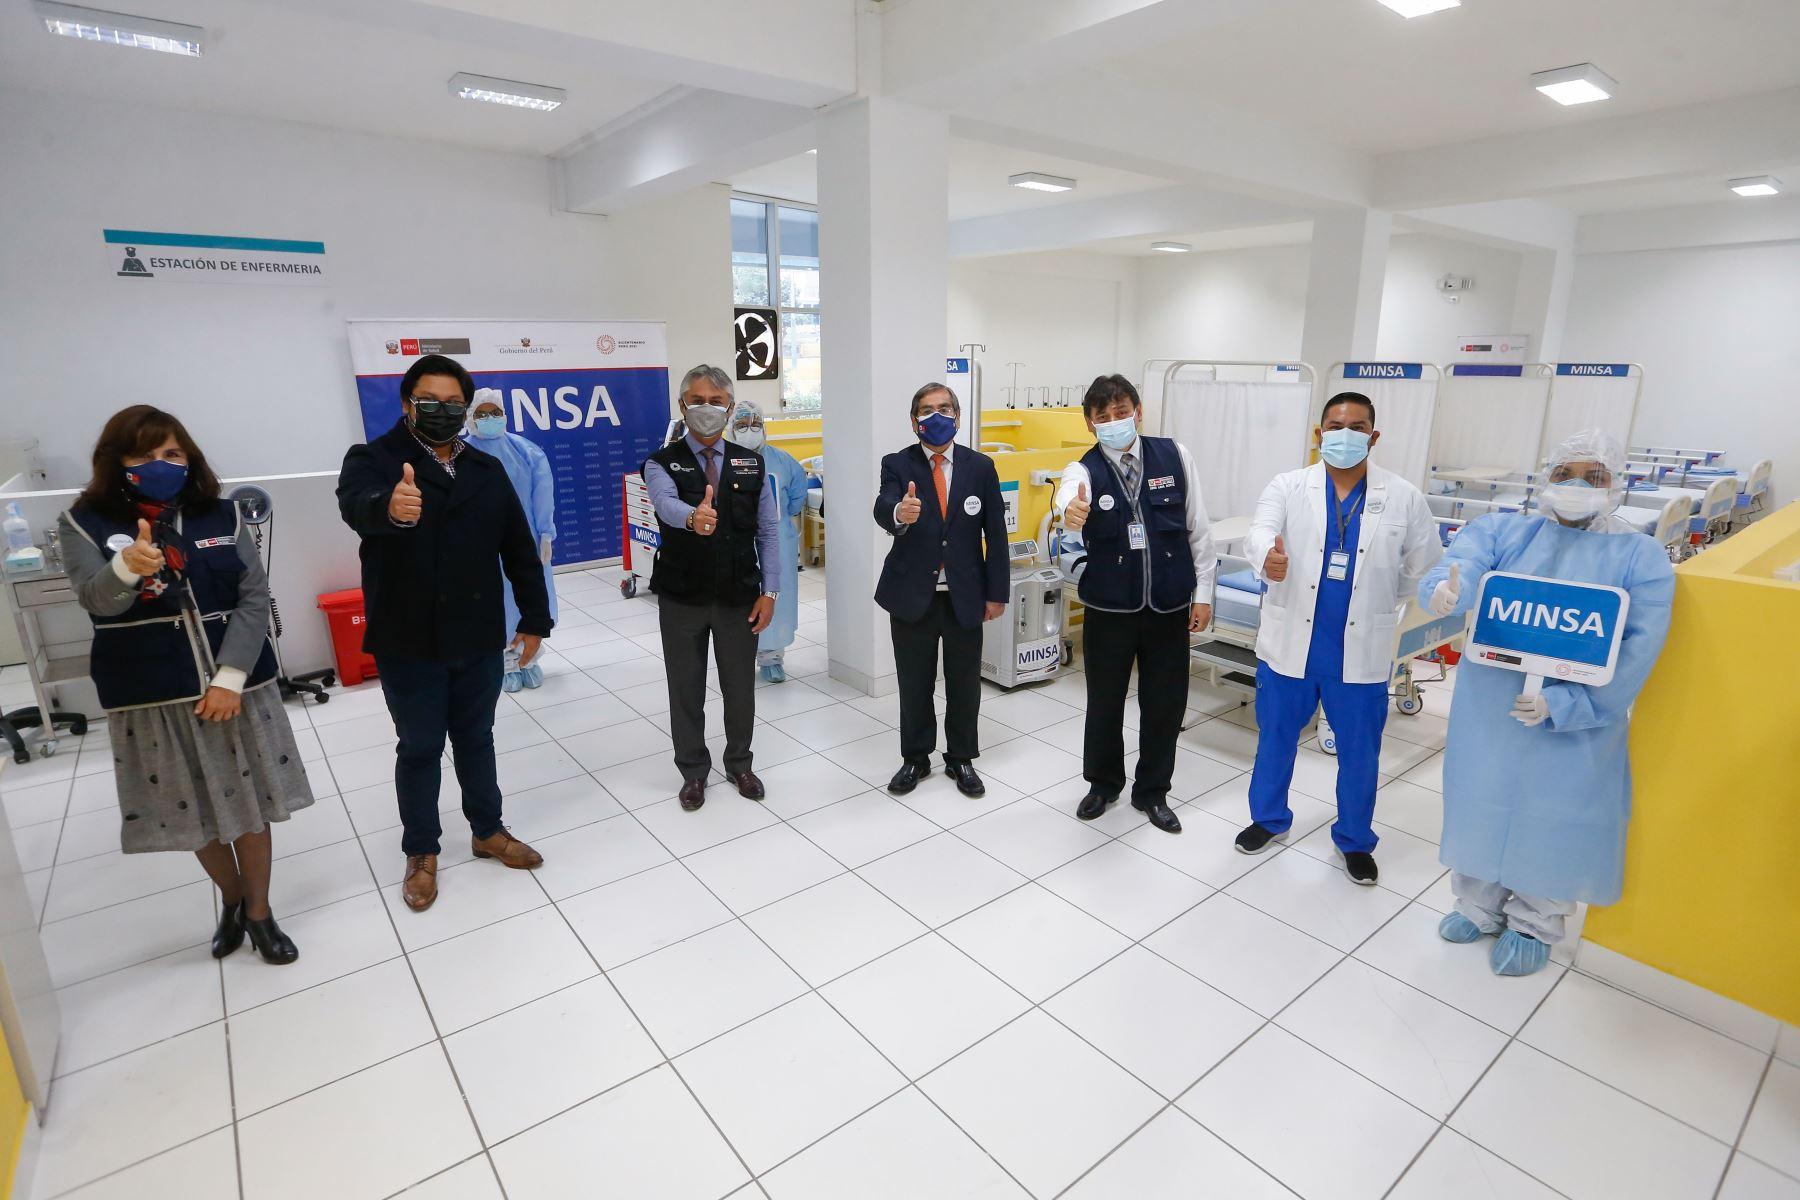 Ministro de Salud, Oscar Ugarte participa en la inauguración del Centro de Atención Temporal - CAT La Ensenada en el distrito de Puente Piedra. Foto: Minsa